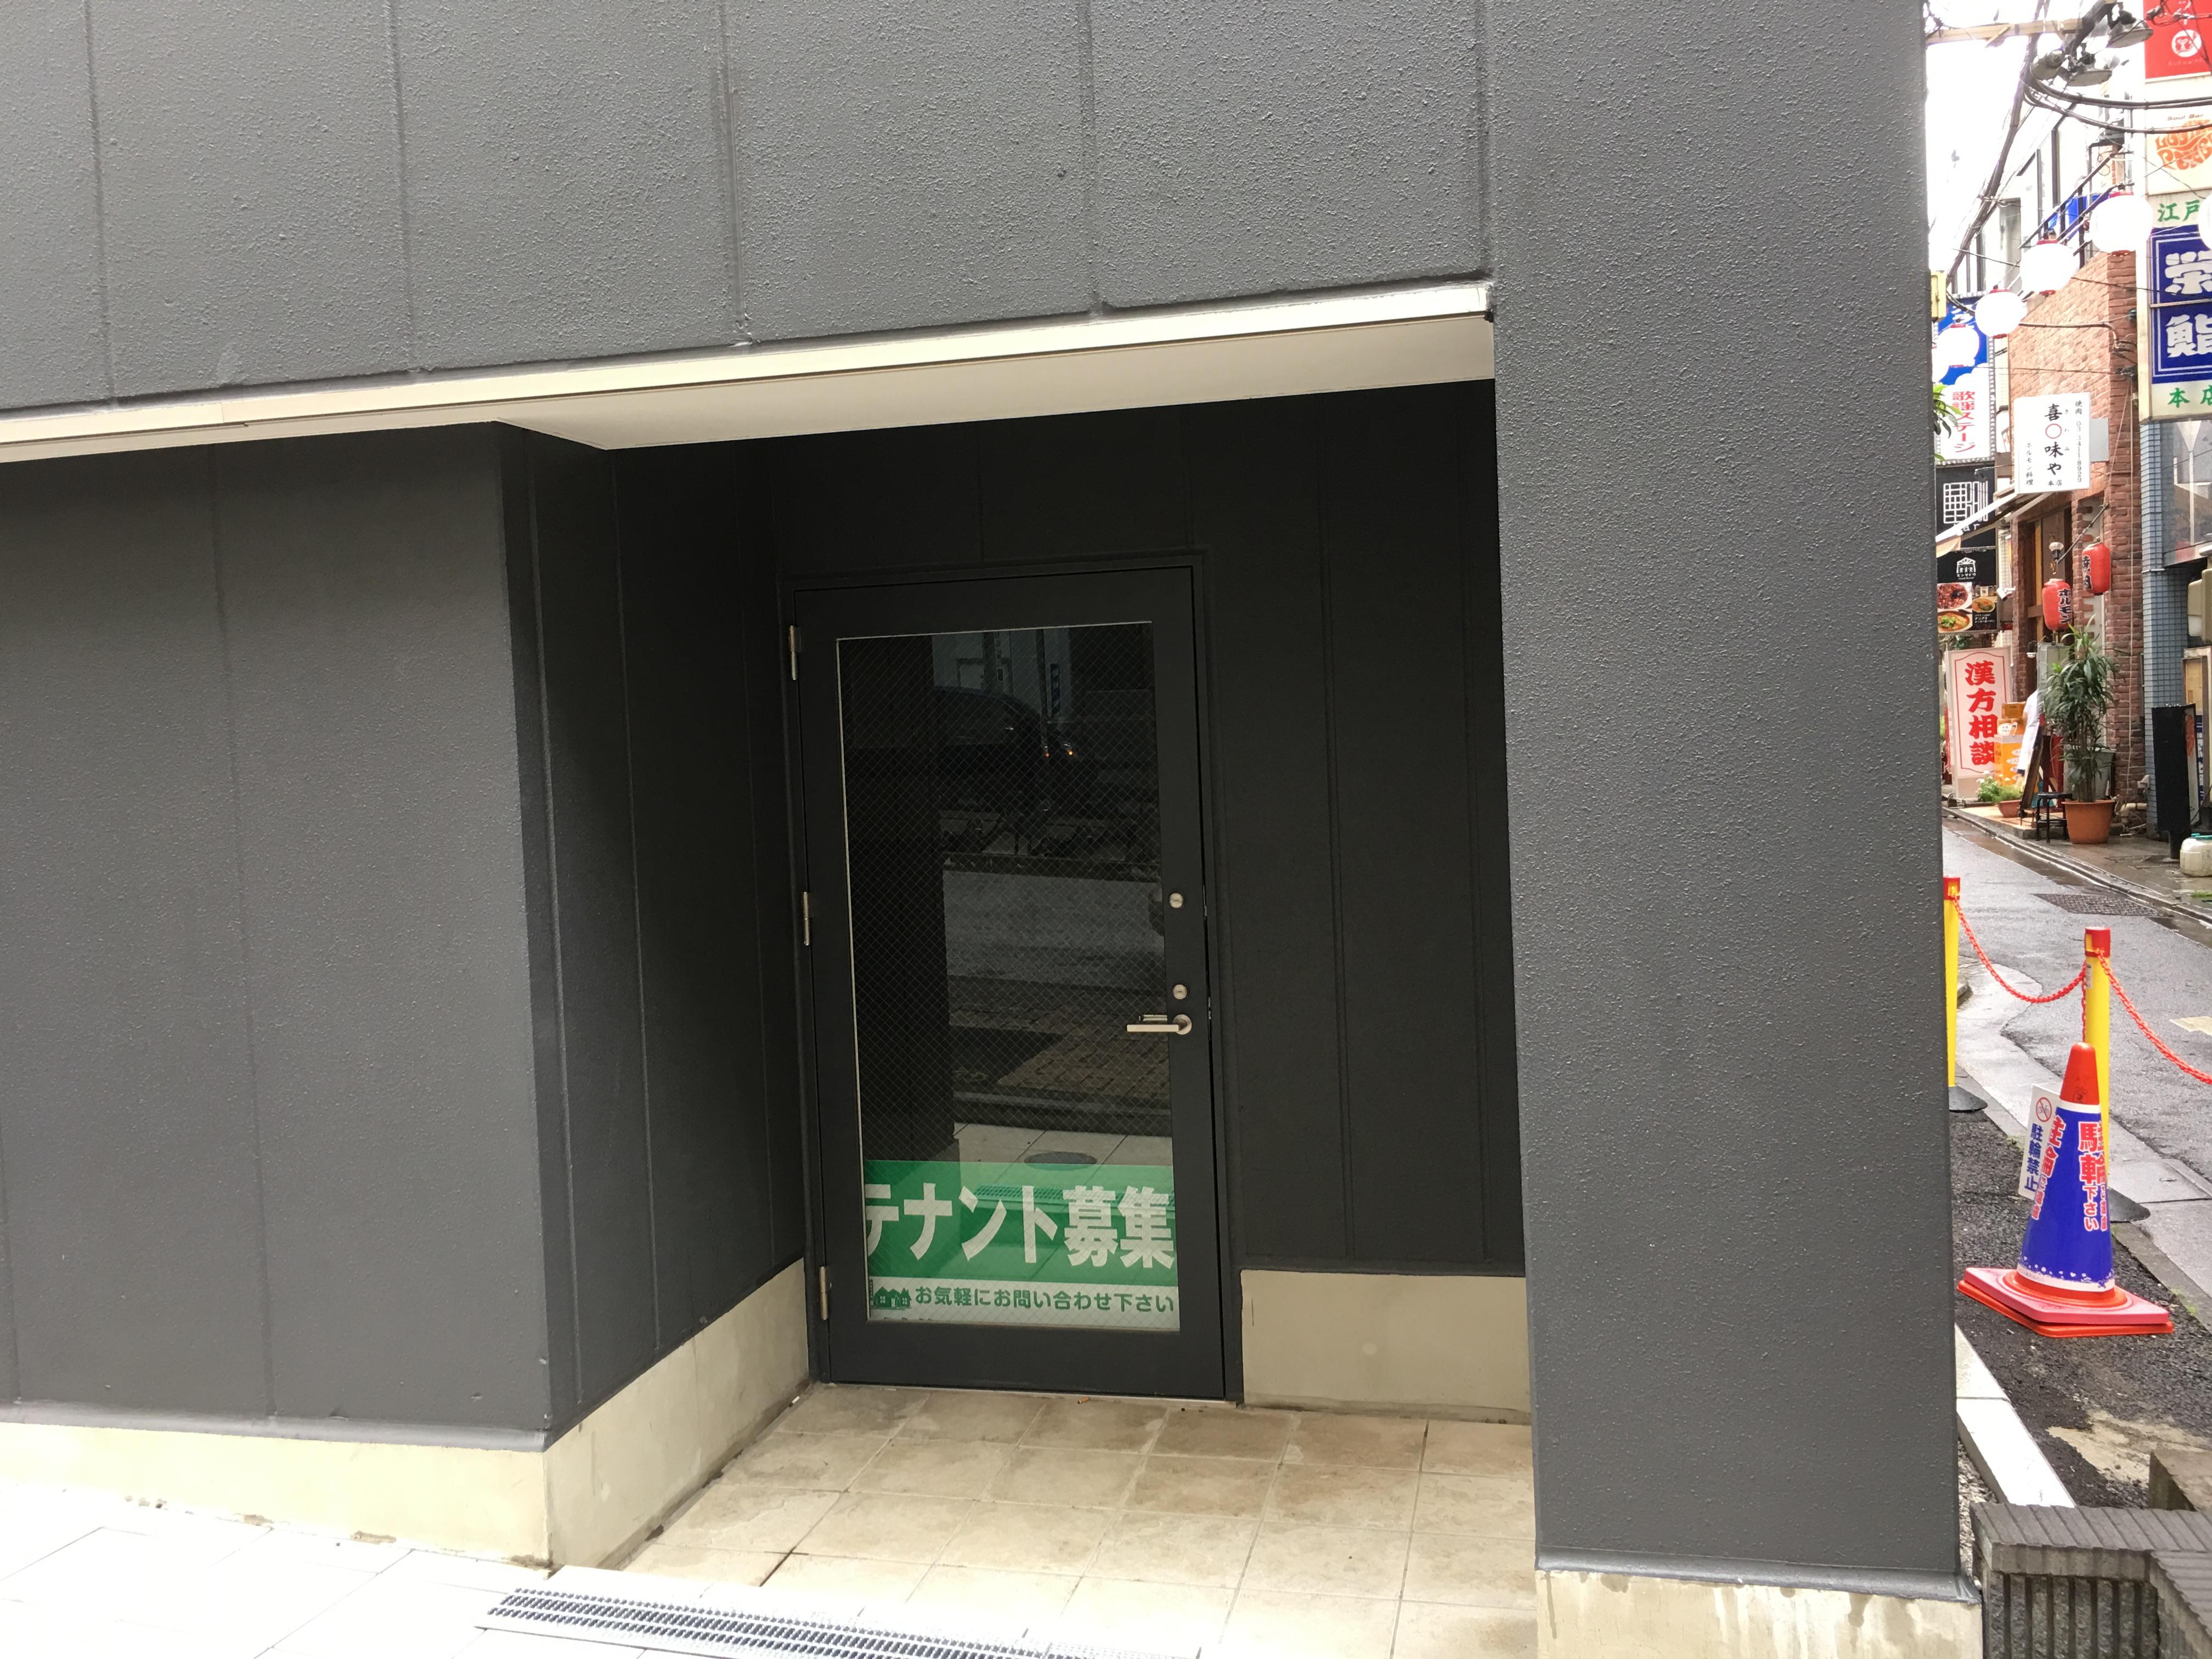 Ordin三茶1stビル 入口